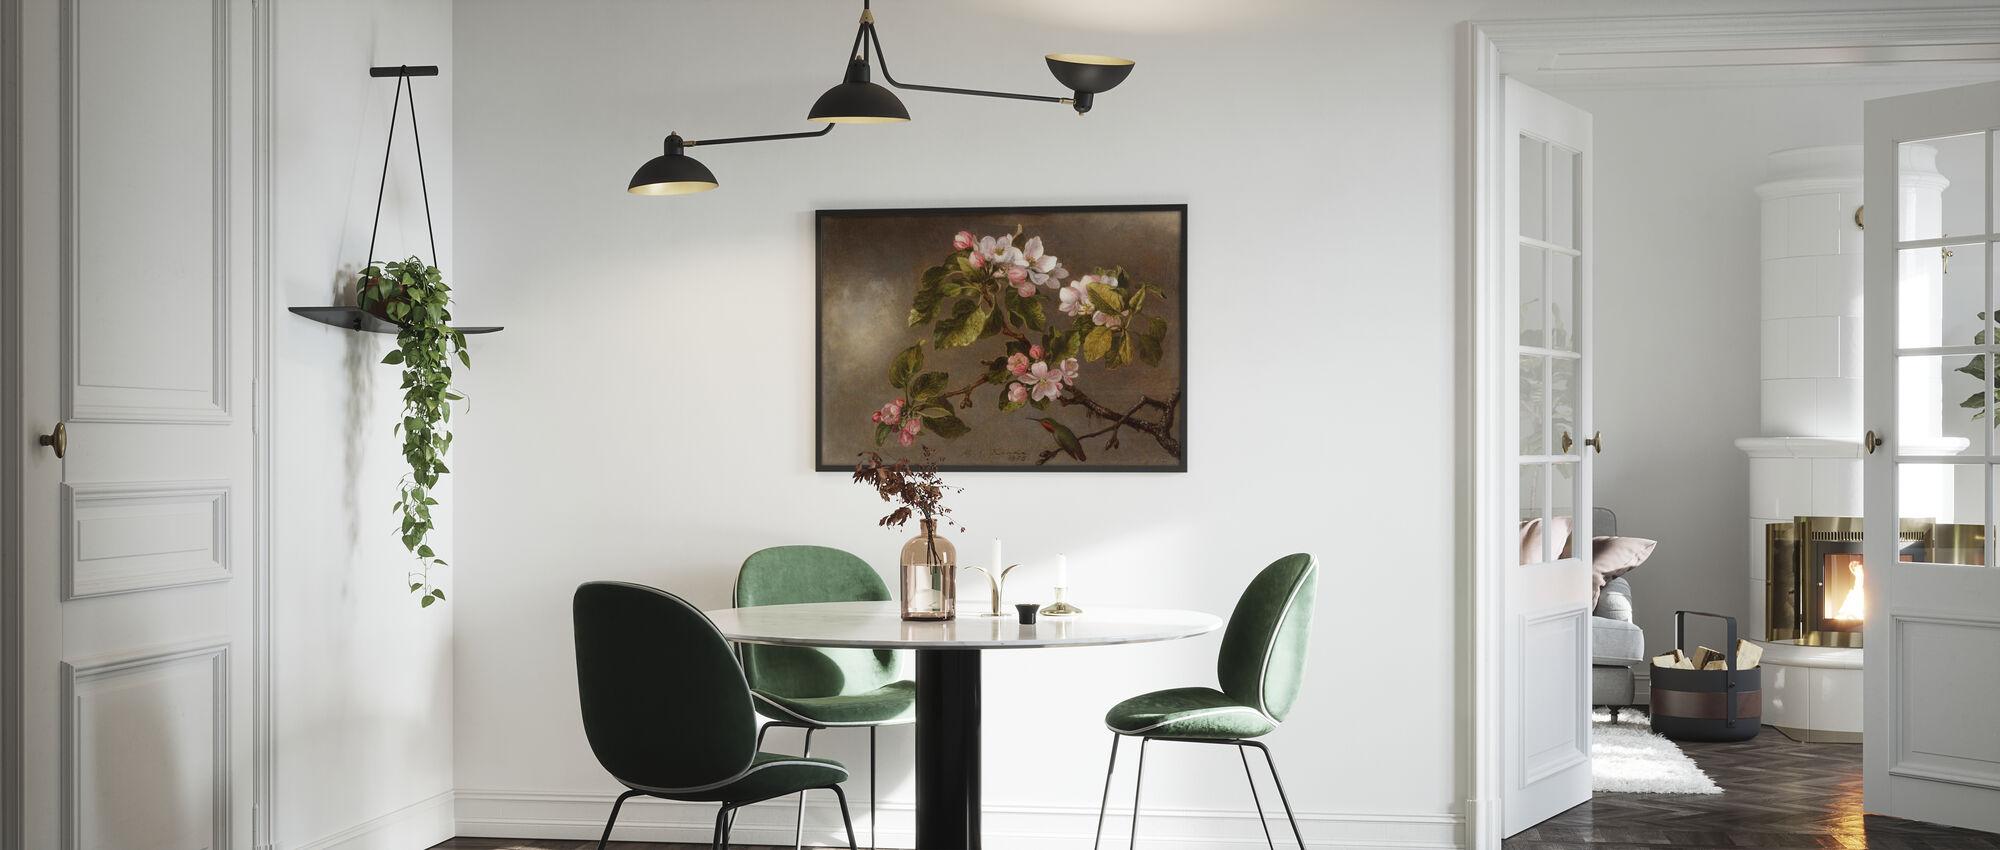 Kolibrii og Apple Blossoms - Martin Johnson Heade - Plakat - Kjøkken